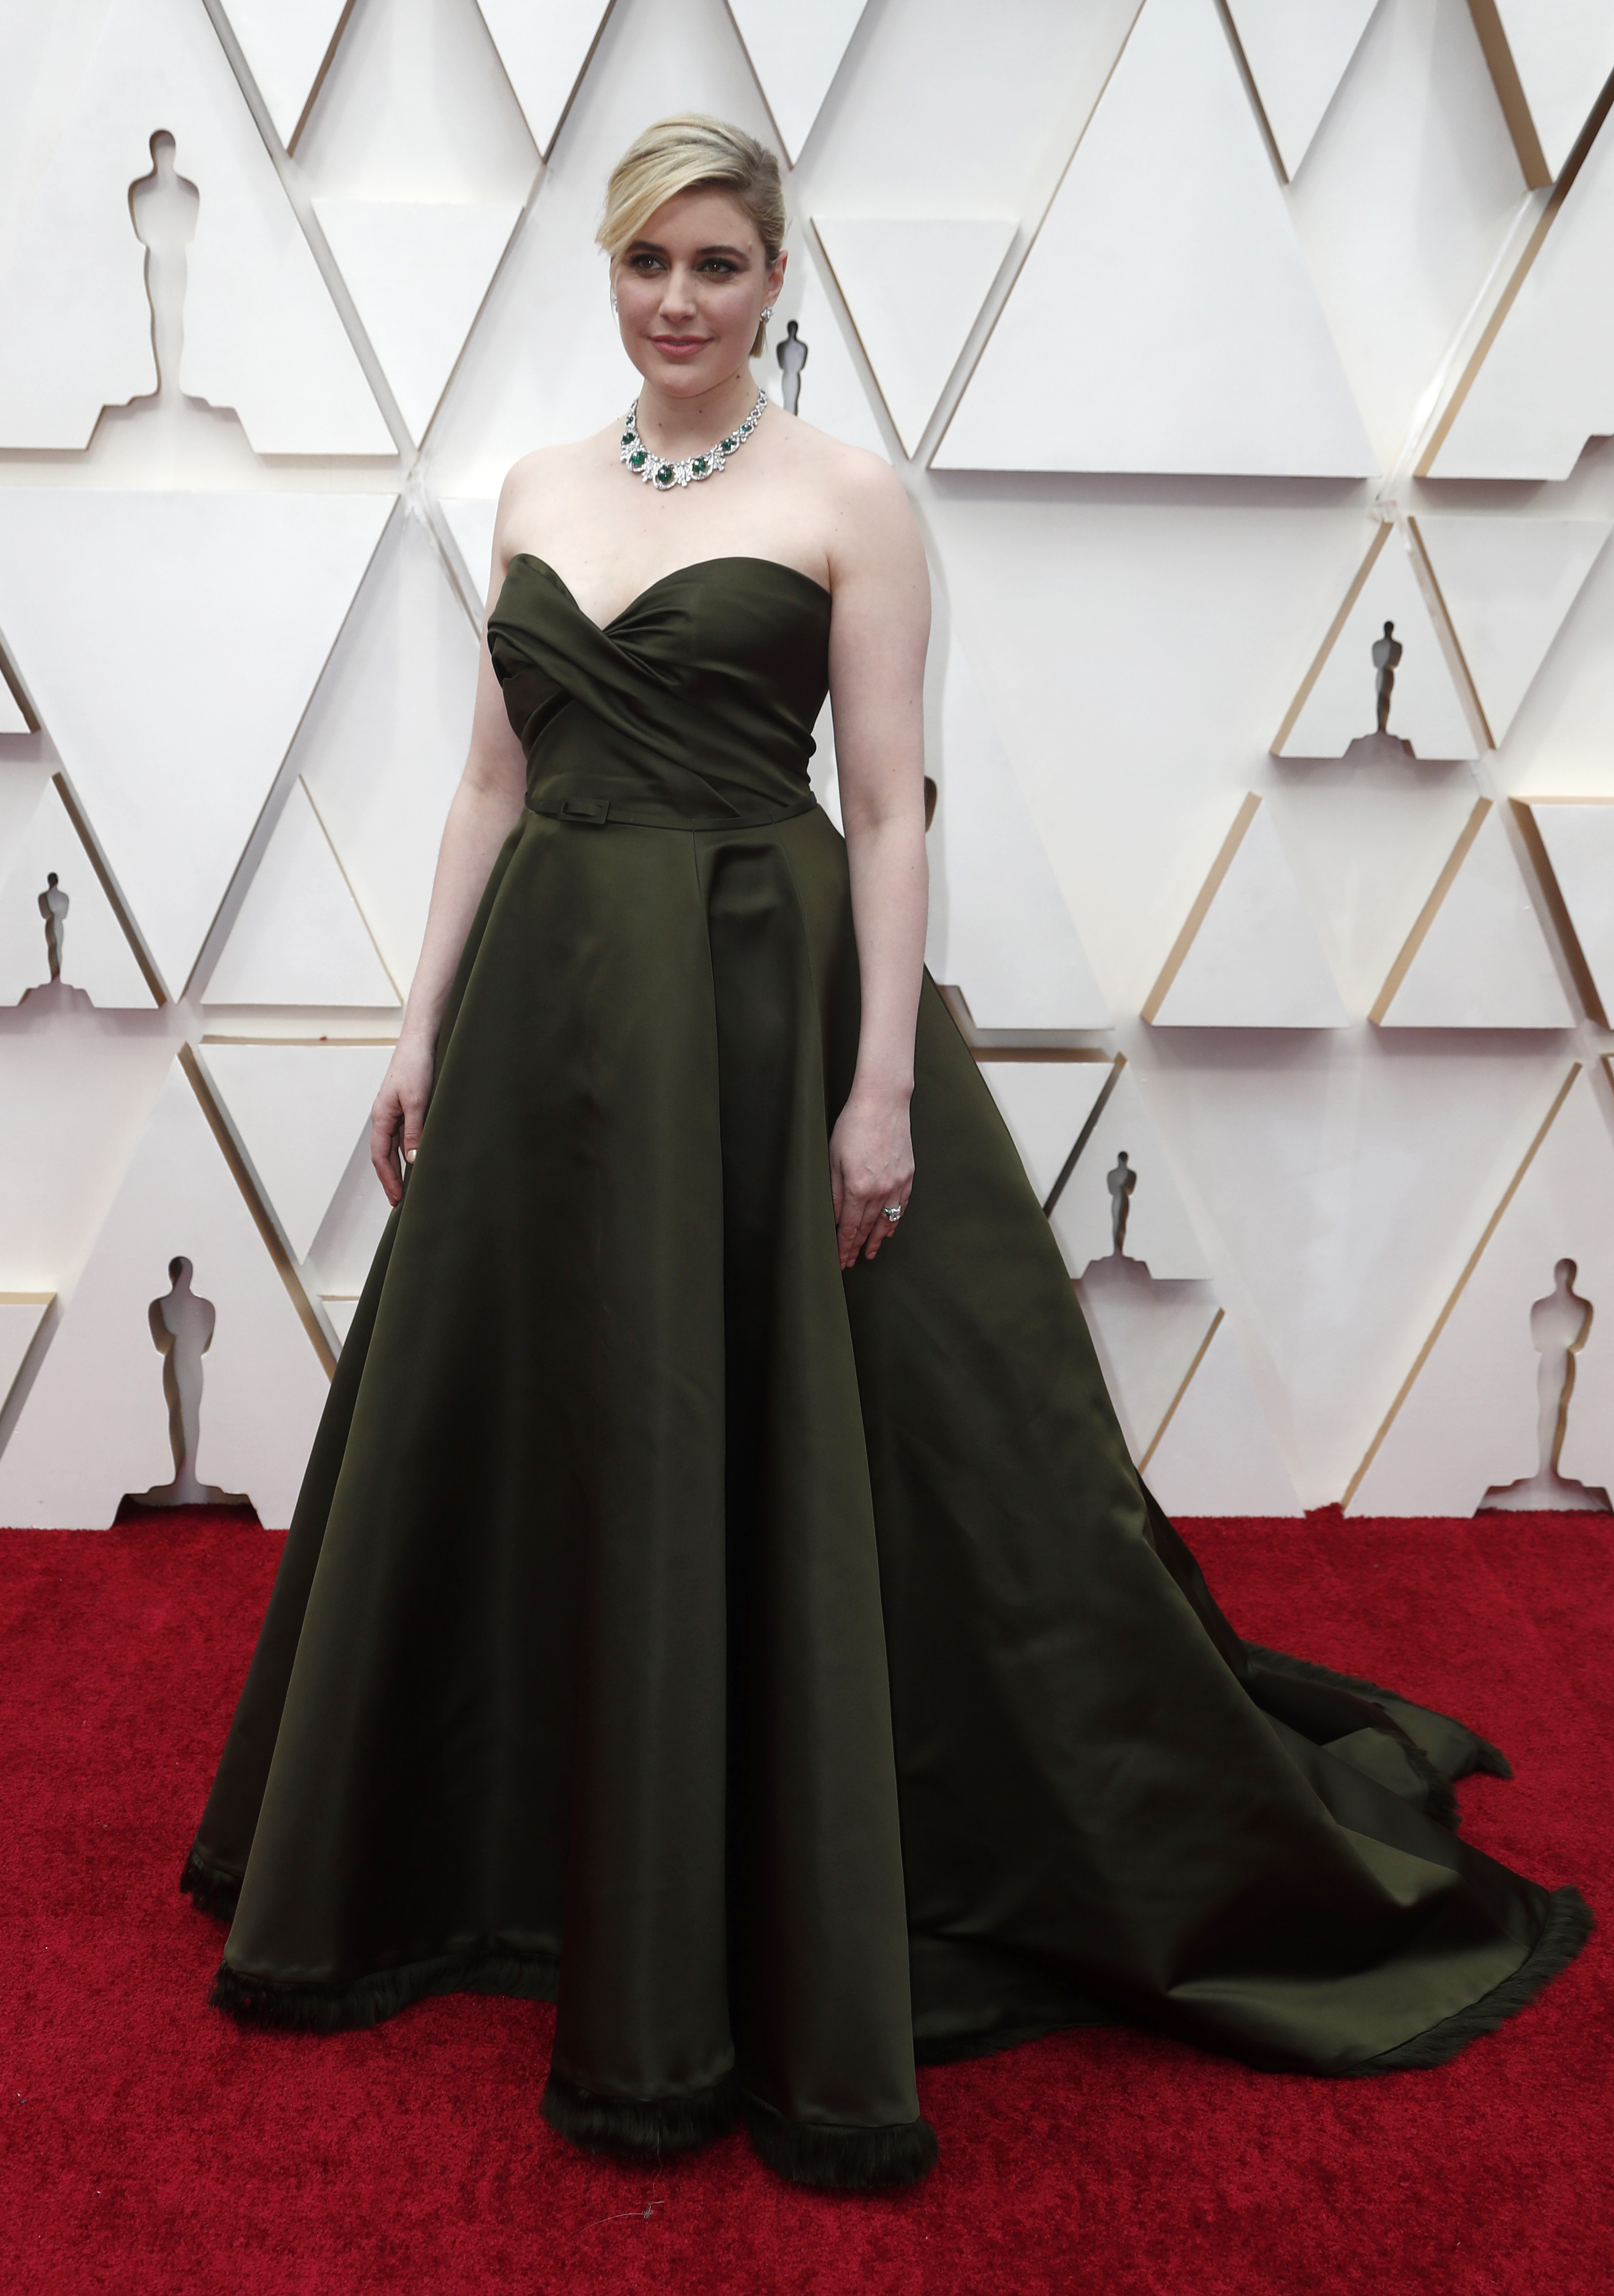 Greta Gerwig apostó al color verde militar para la entrega número 92. Un diseño strapless con escote corazón drapeado, tiene la firma by Dior